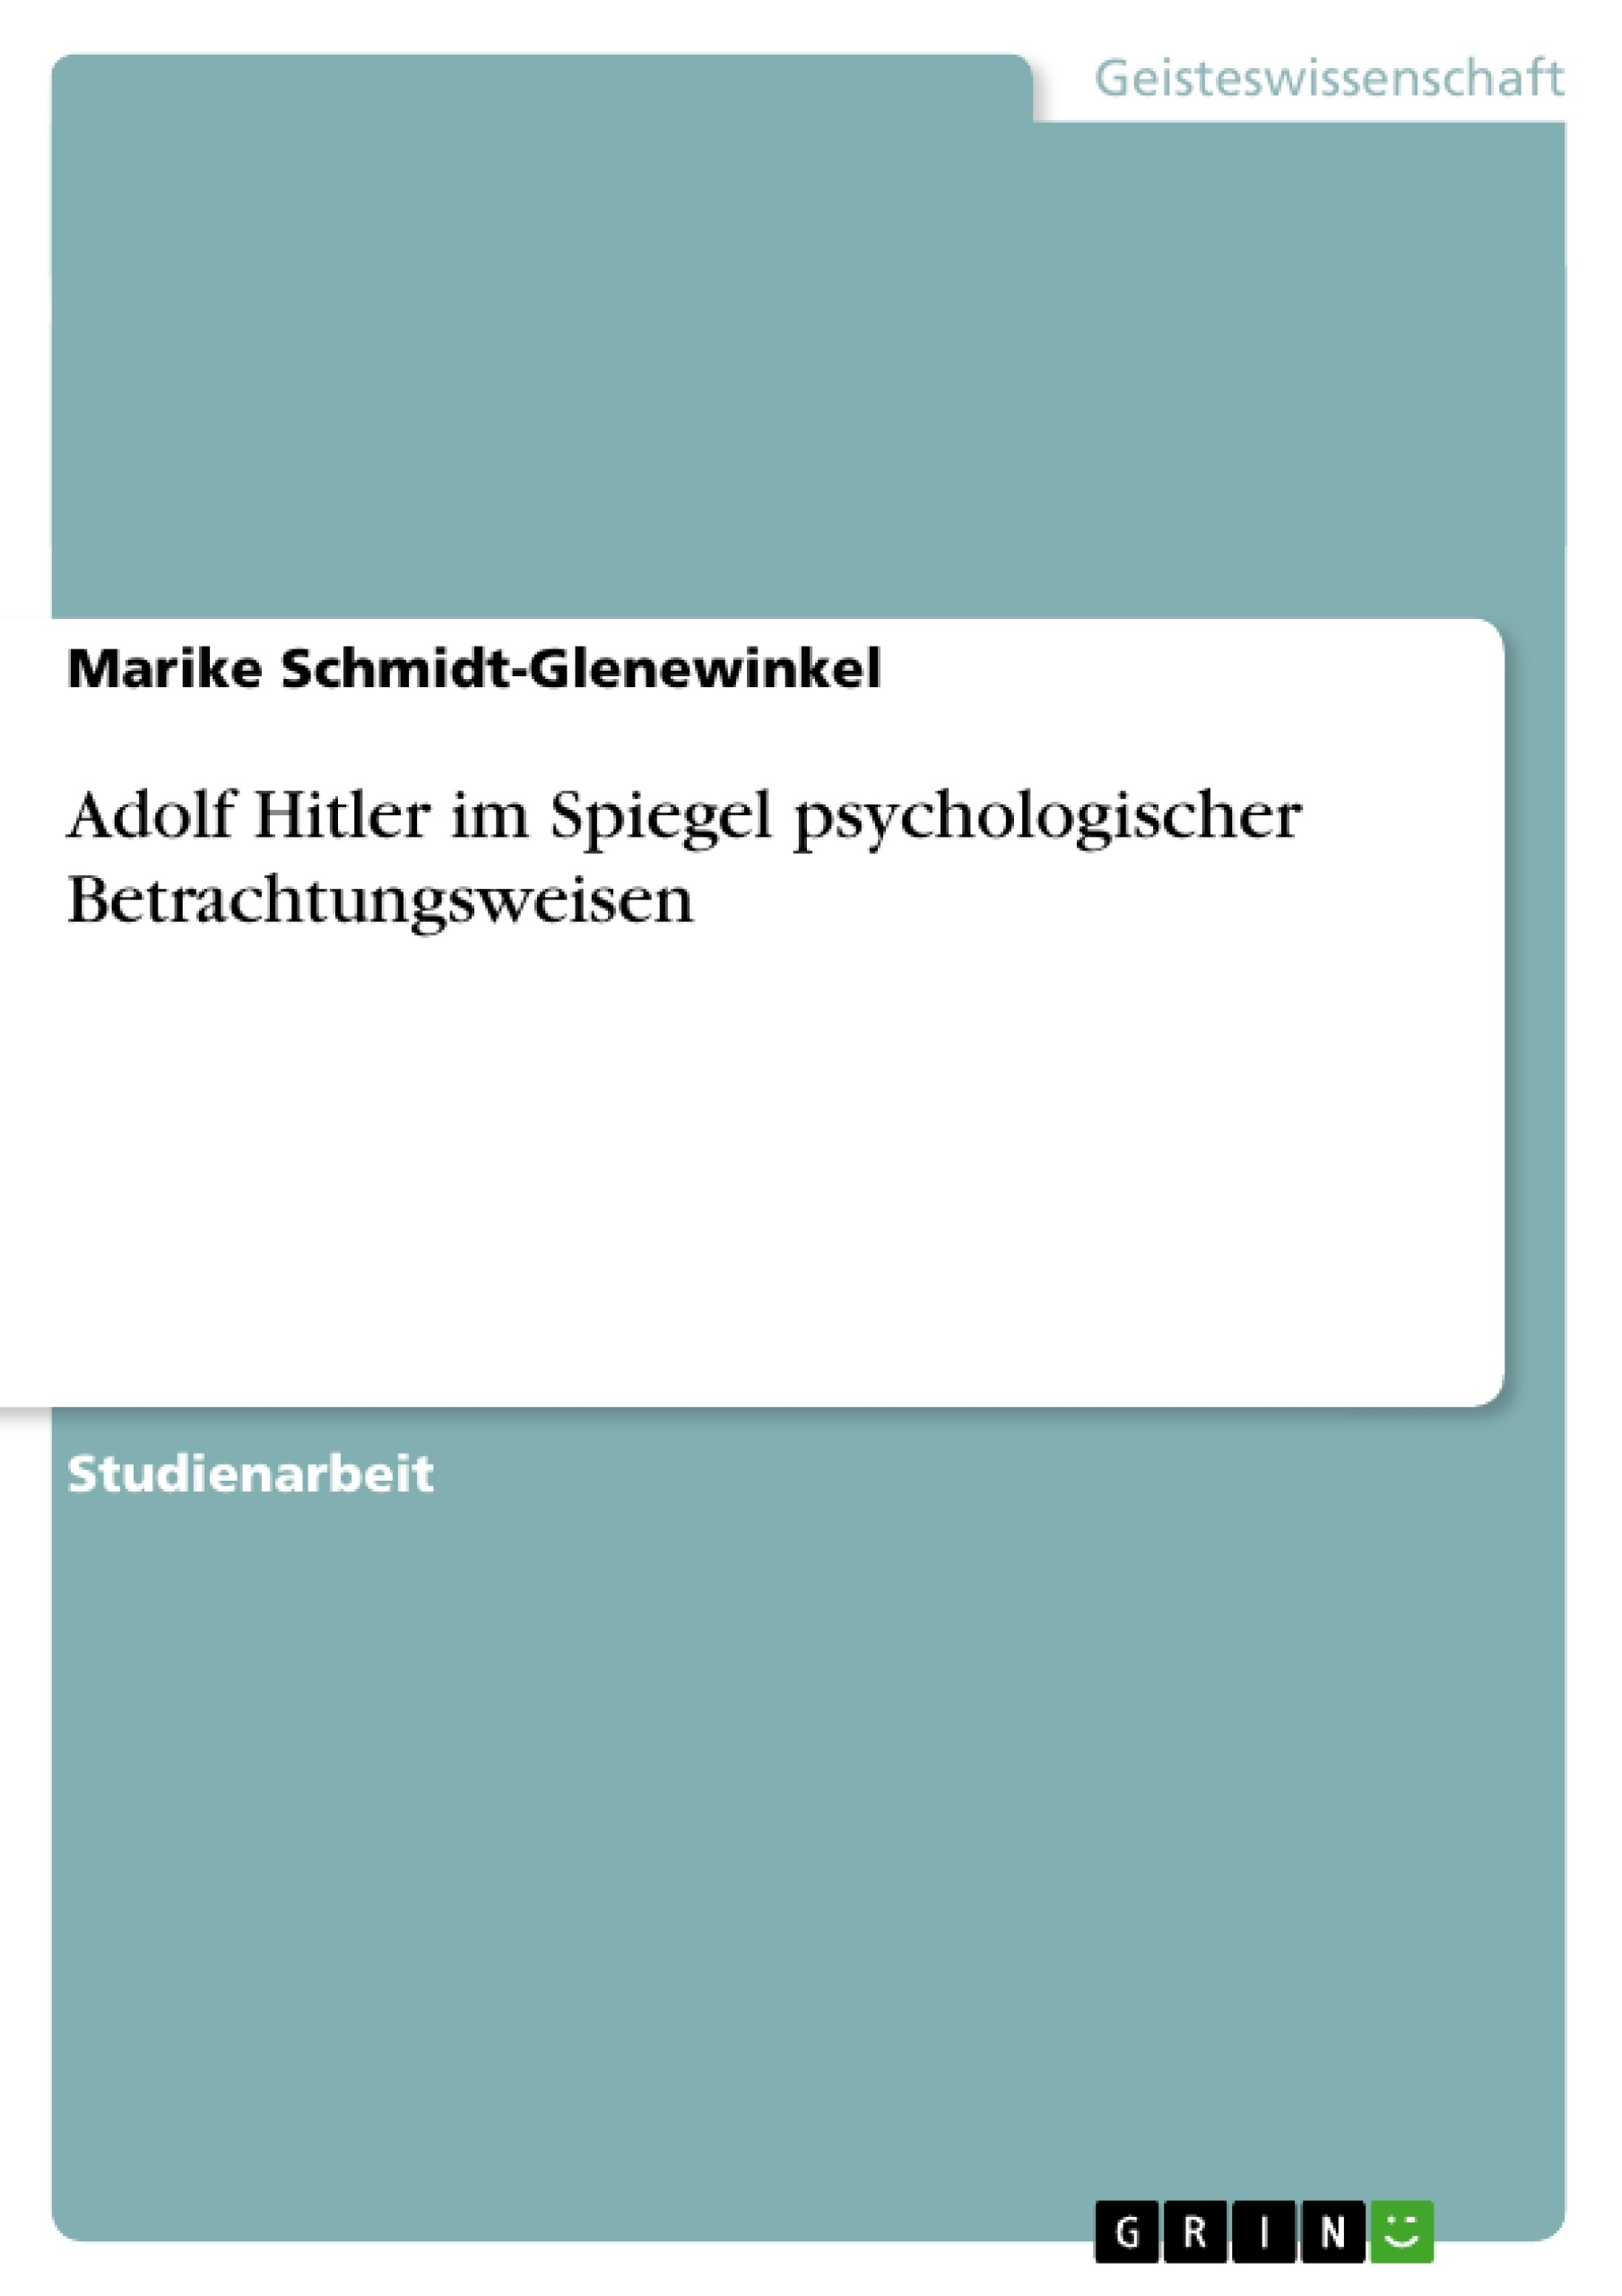 Titel: Adolf Hitler im Spiegel psychologischer Betrachtungsweisen